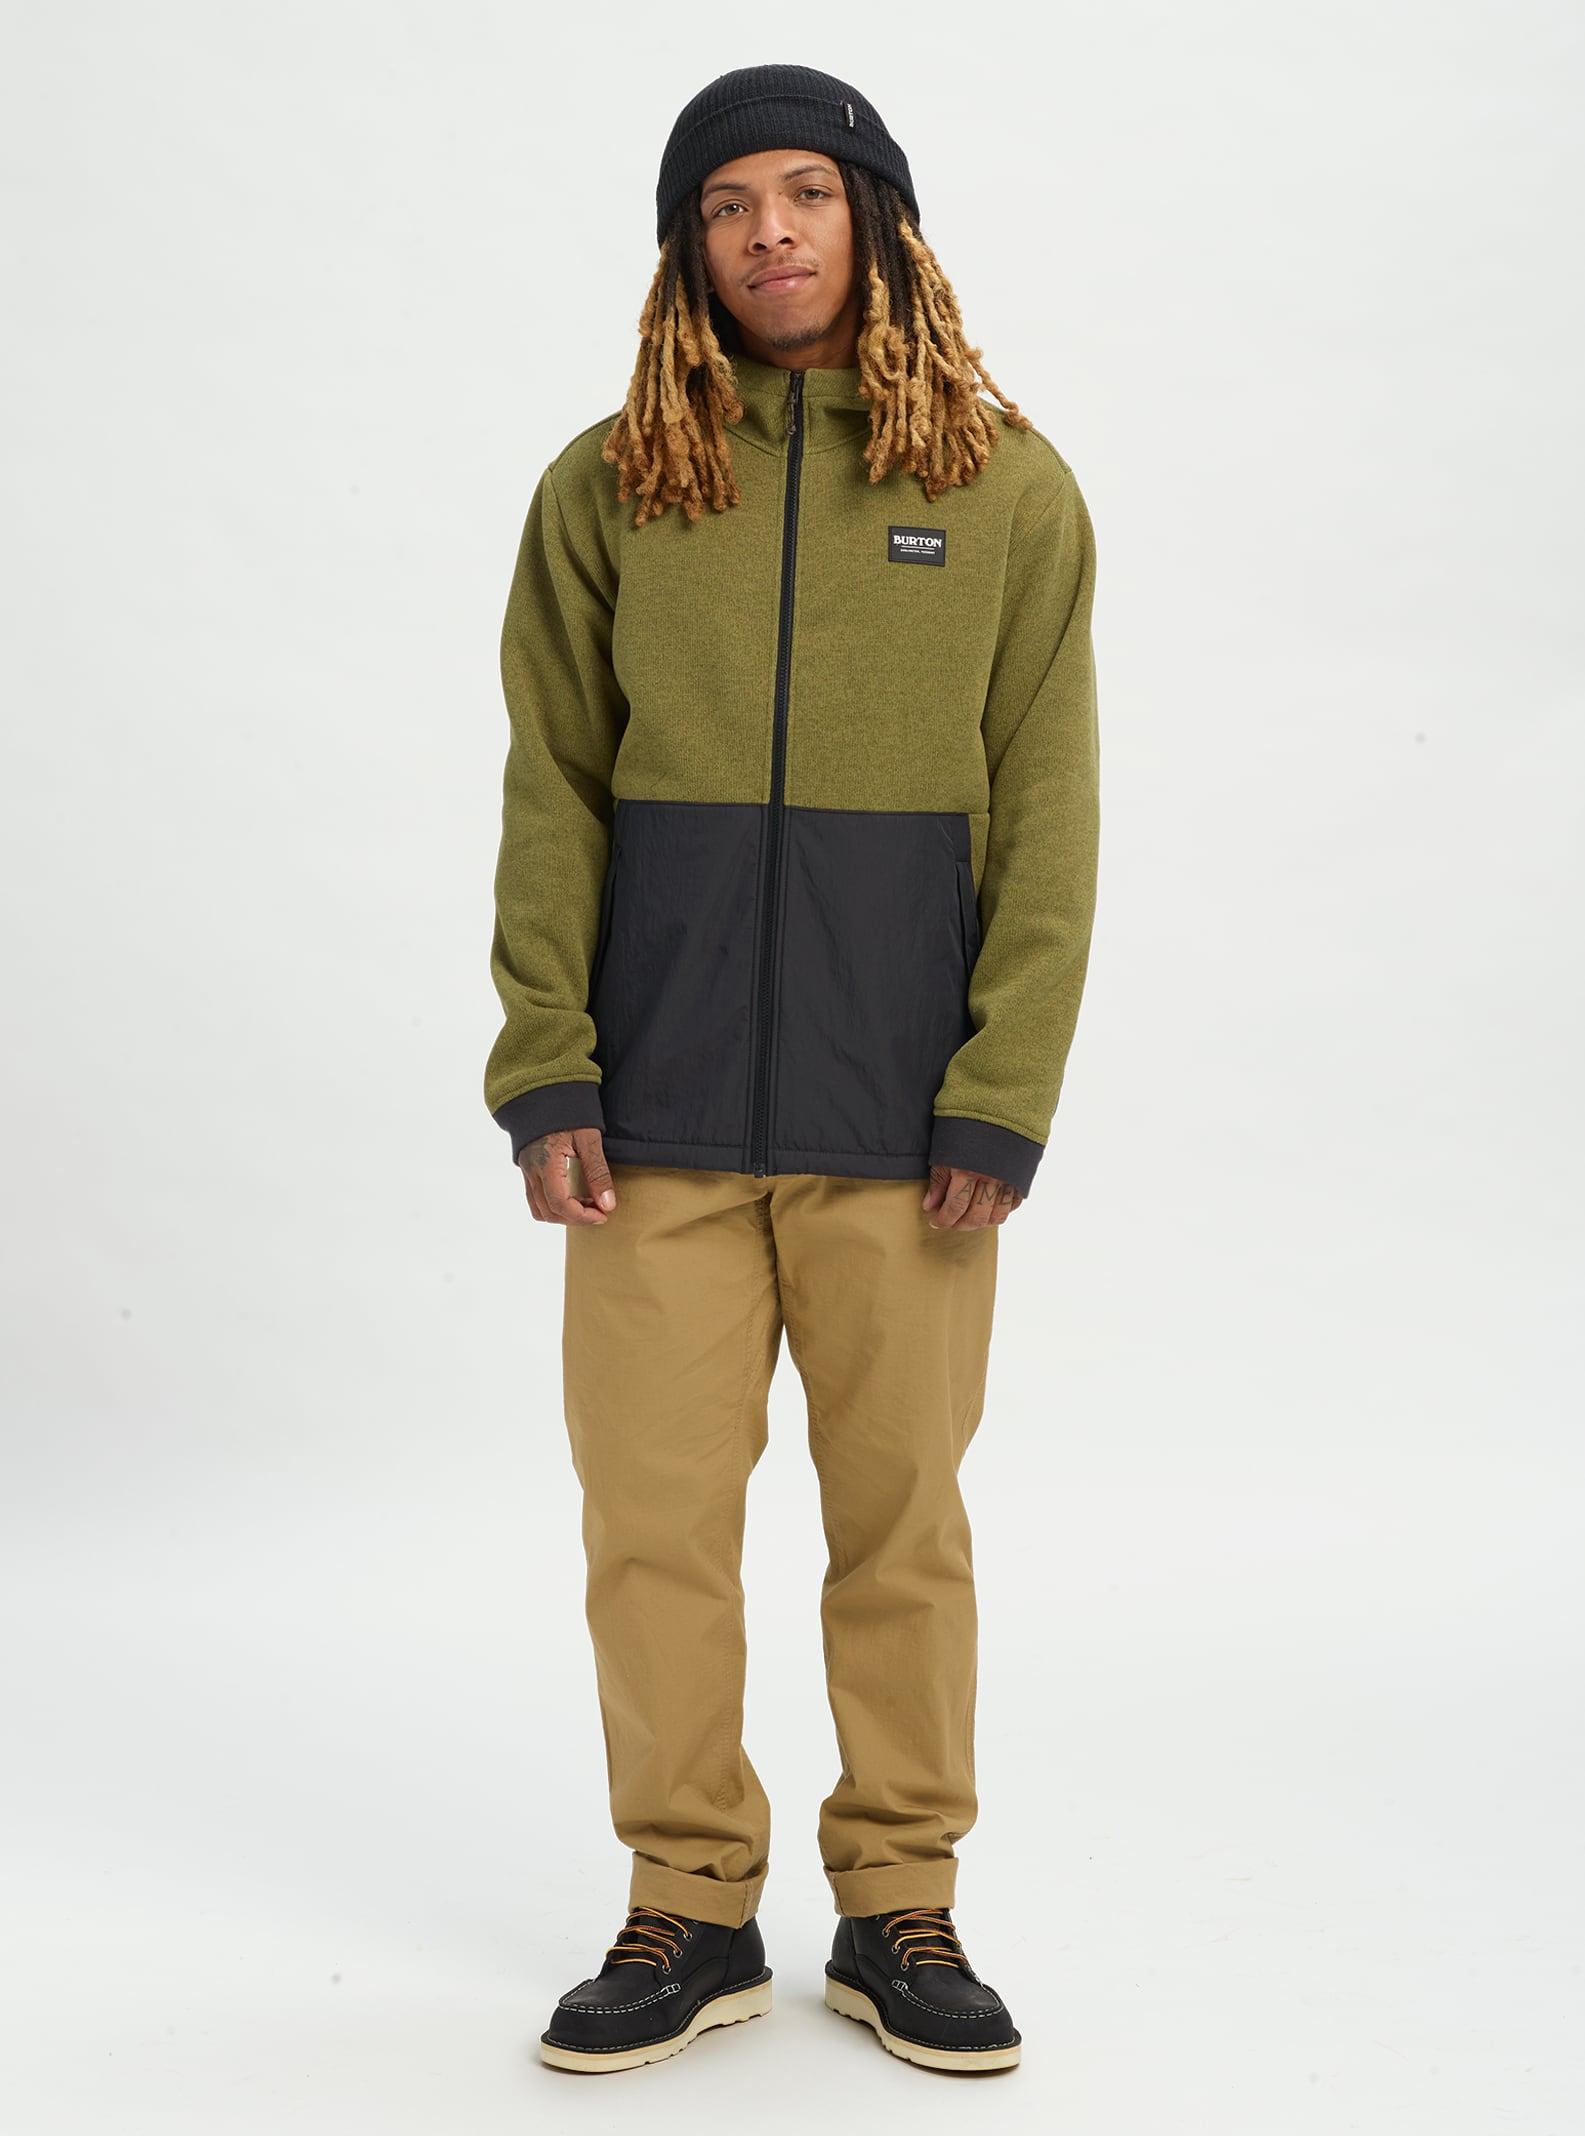 Pour D'extérieur D'extérieur HommeBurton Vêtements Snowboards Vêtements HommeBurton Snowboards Vêtements Pour OkPXw8n0